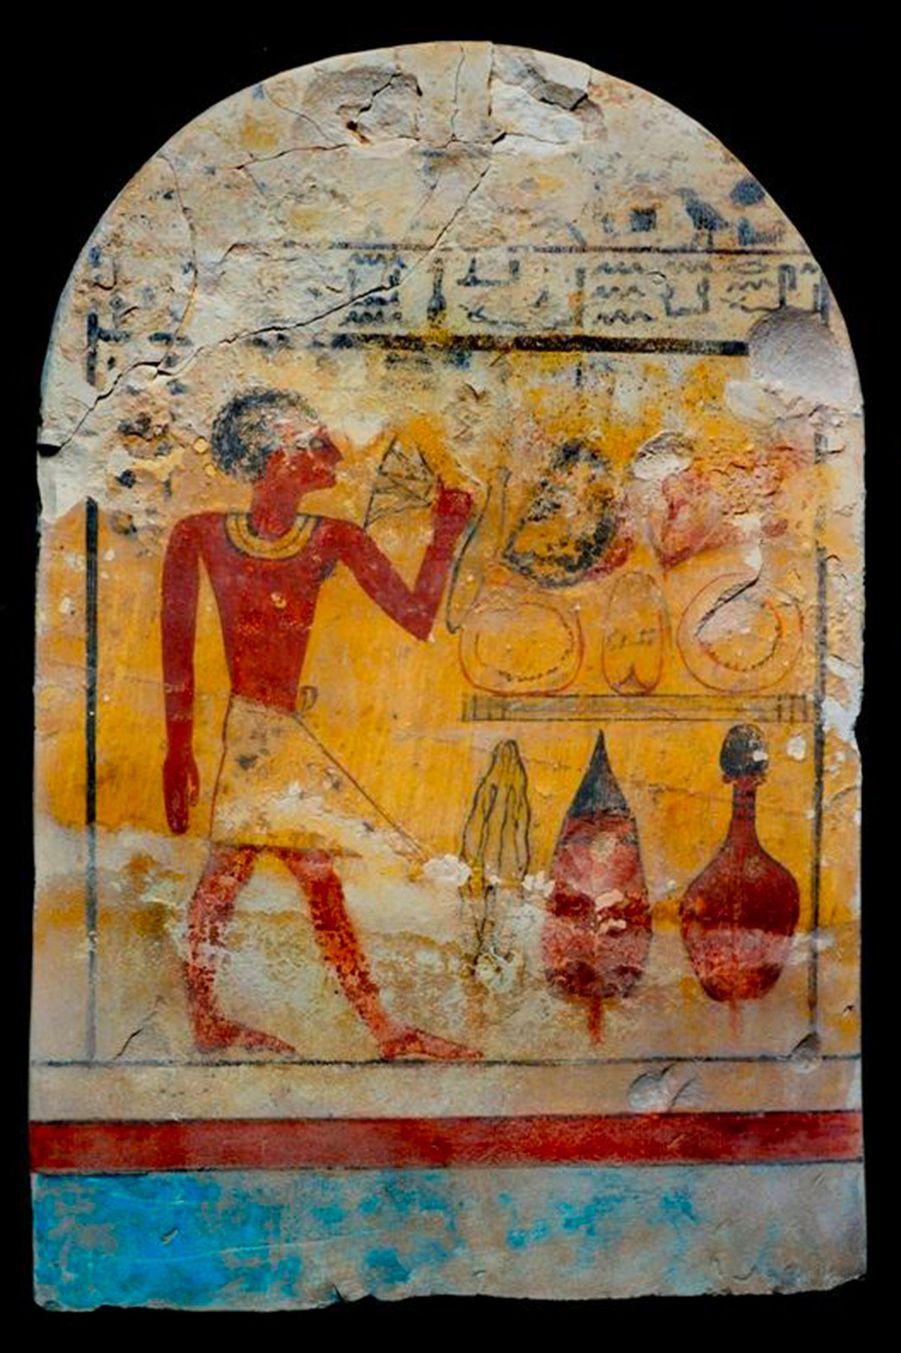 Le jardin contenait trois stèles funéraires décorées de scènes pharaoniques.